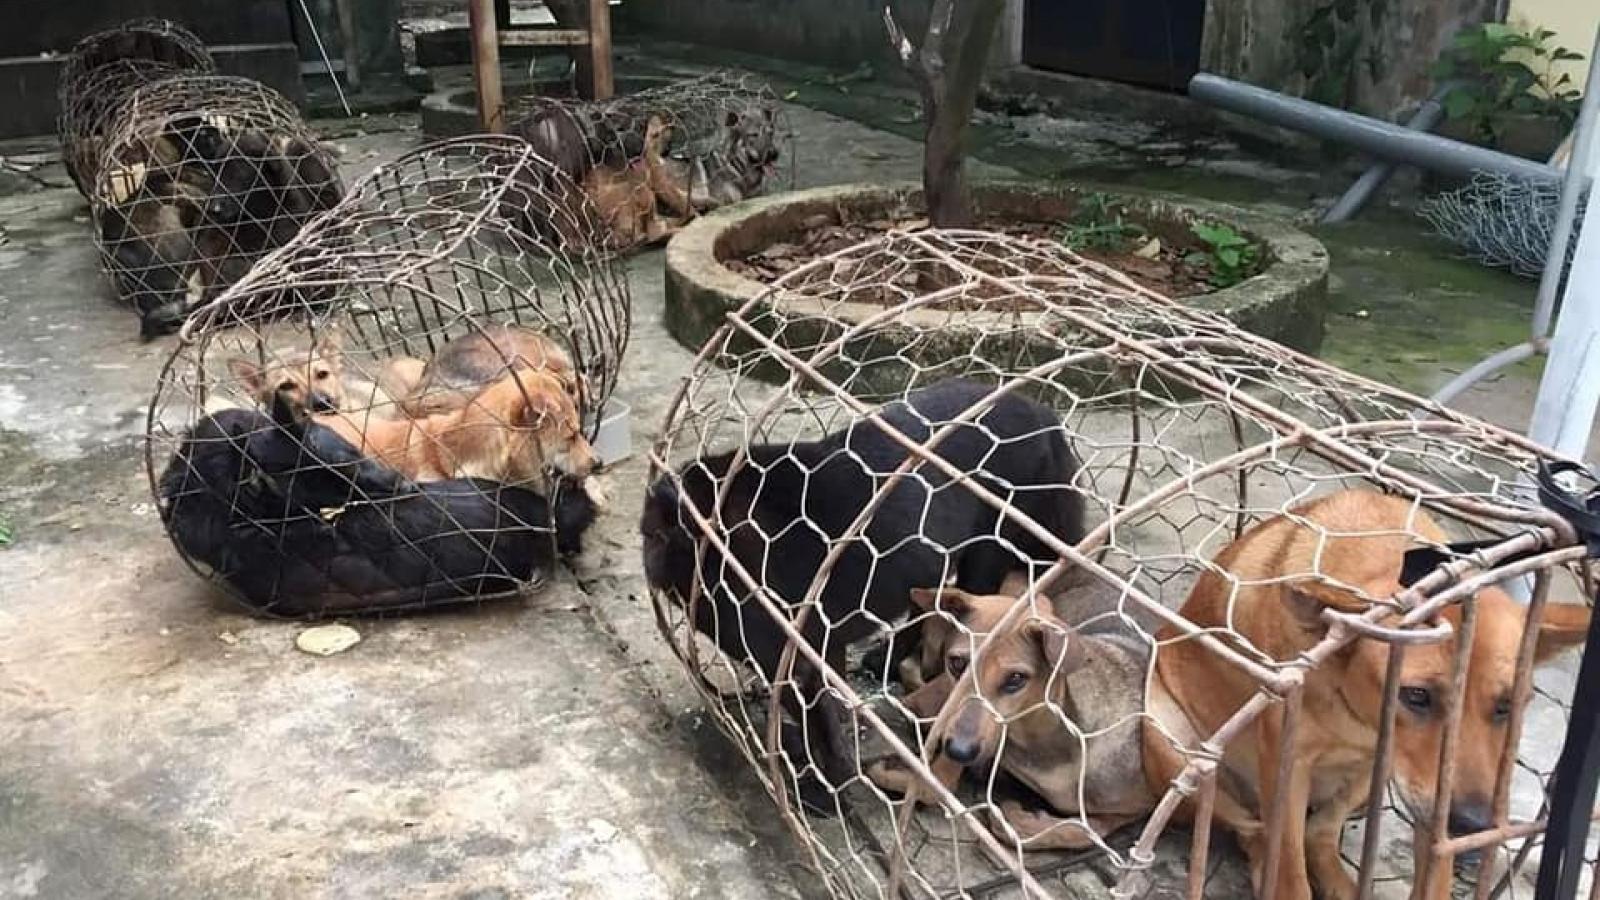 Nhóm đối tượng mỗi đêm trộm gần nửa tấn chó